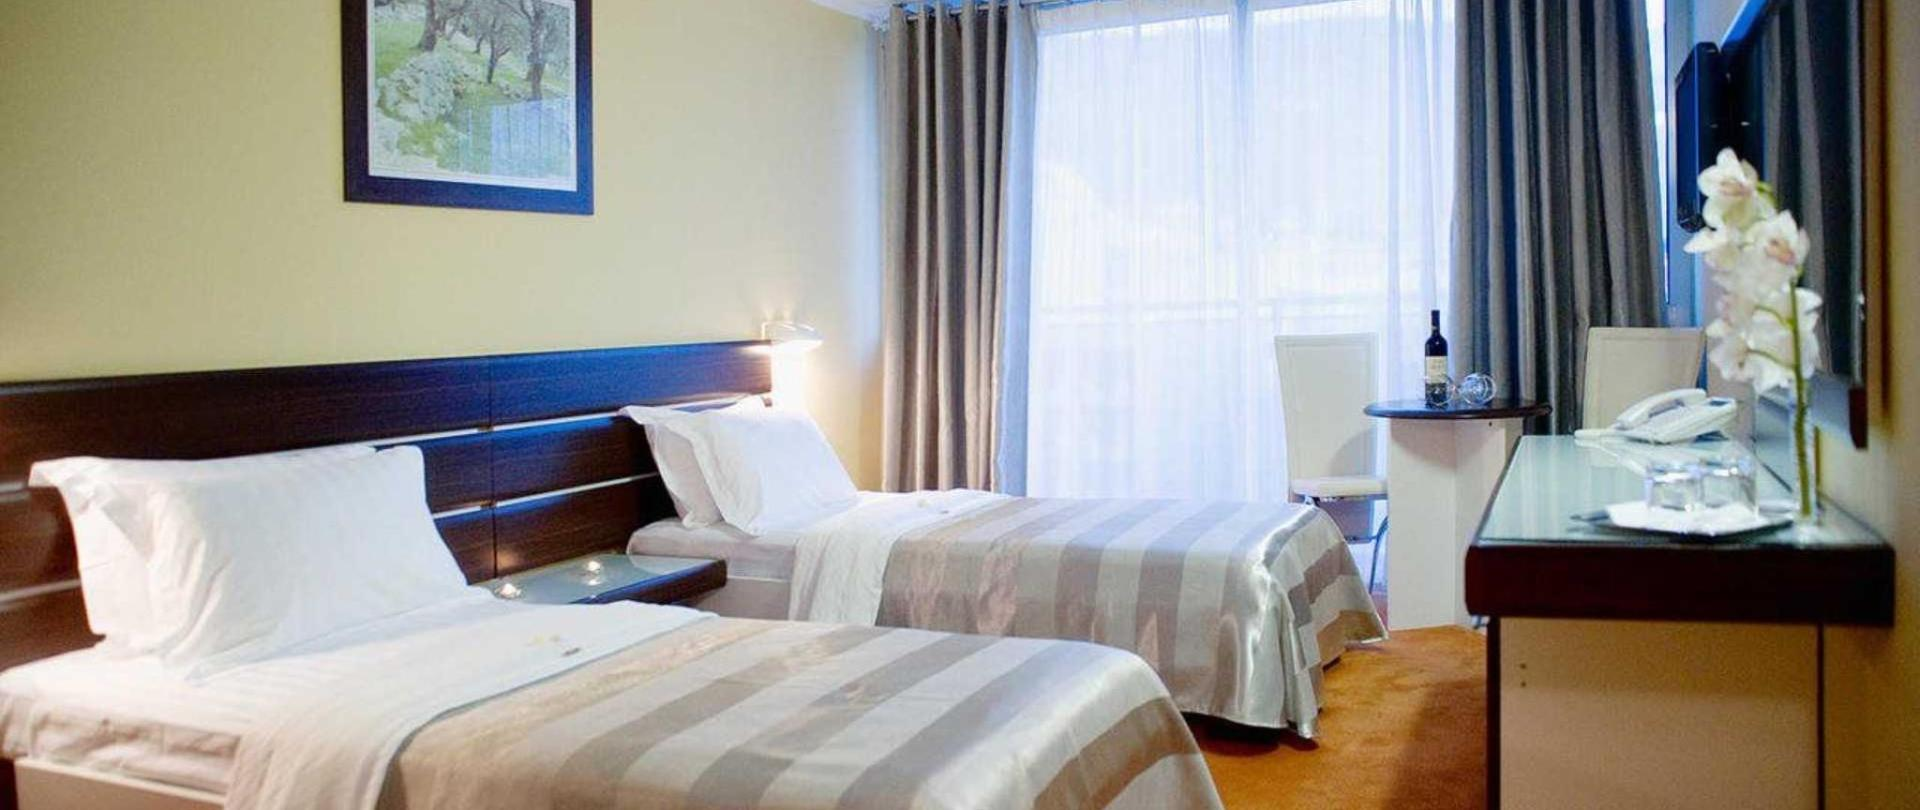 Hotel Tara